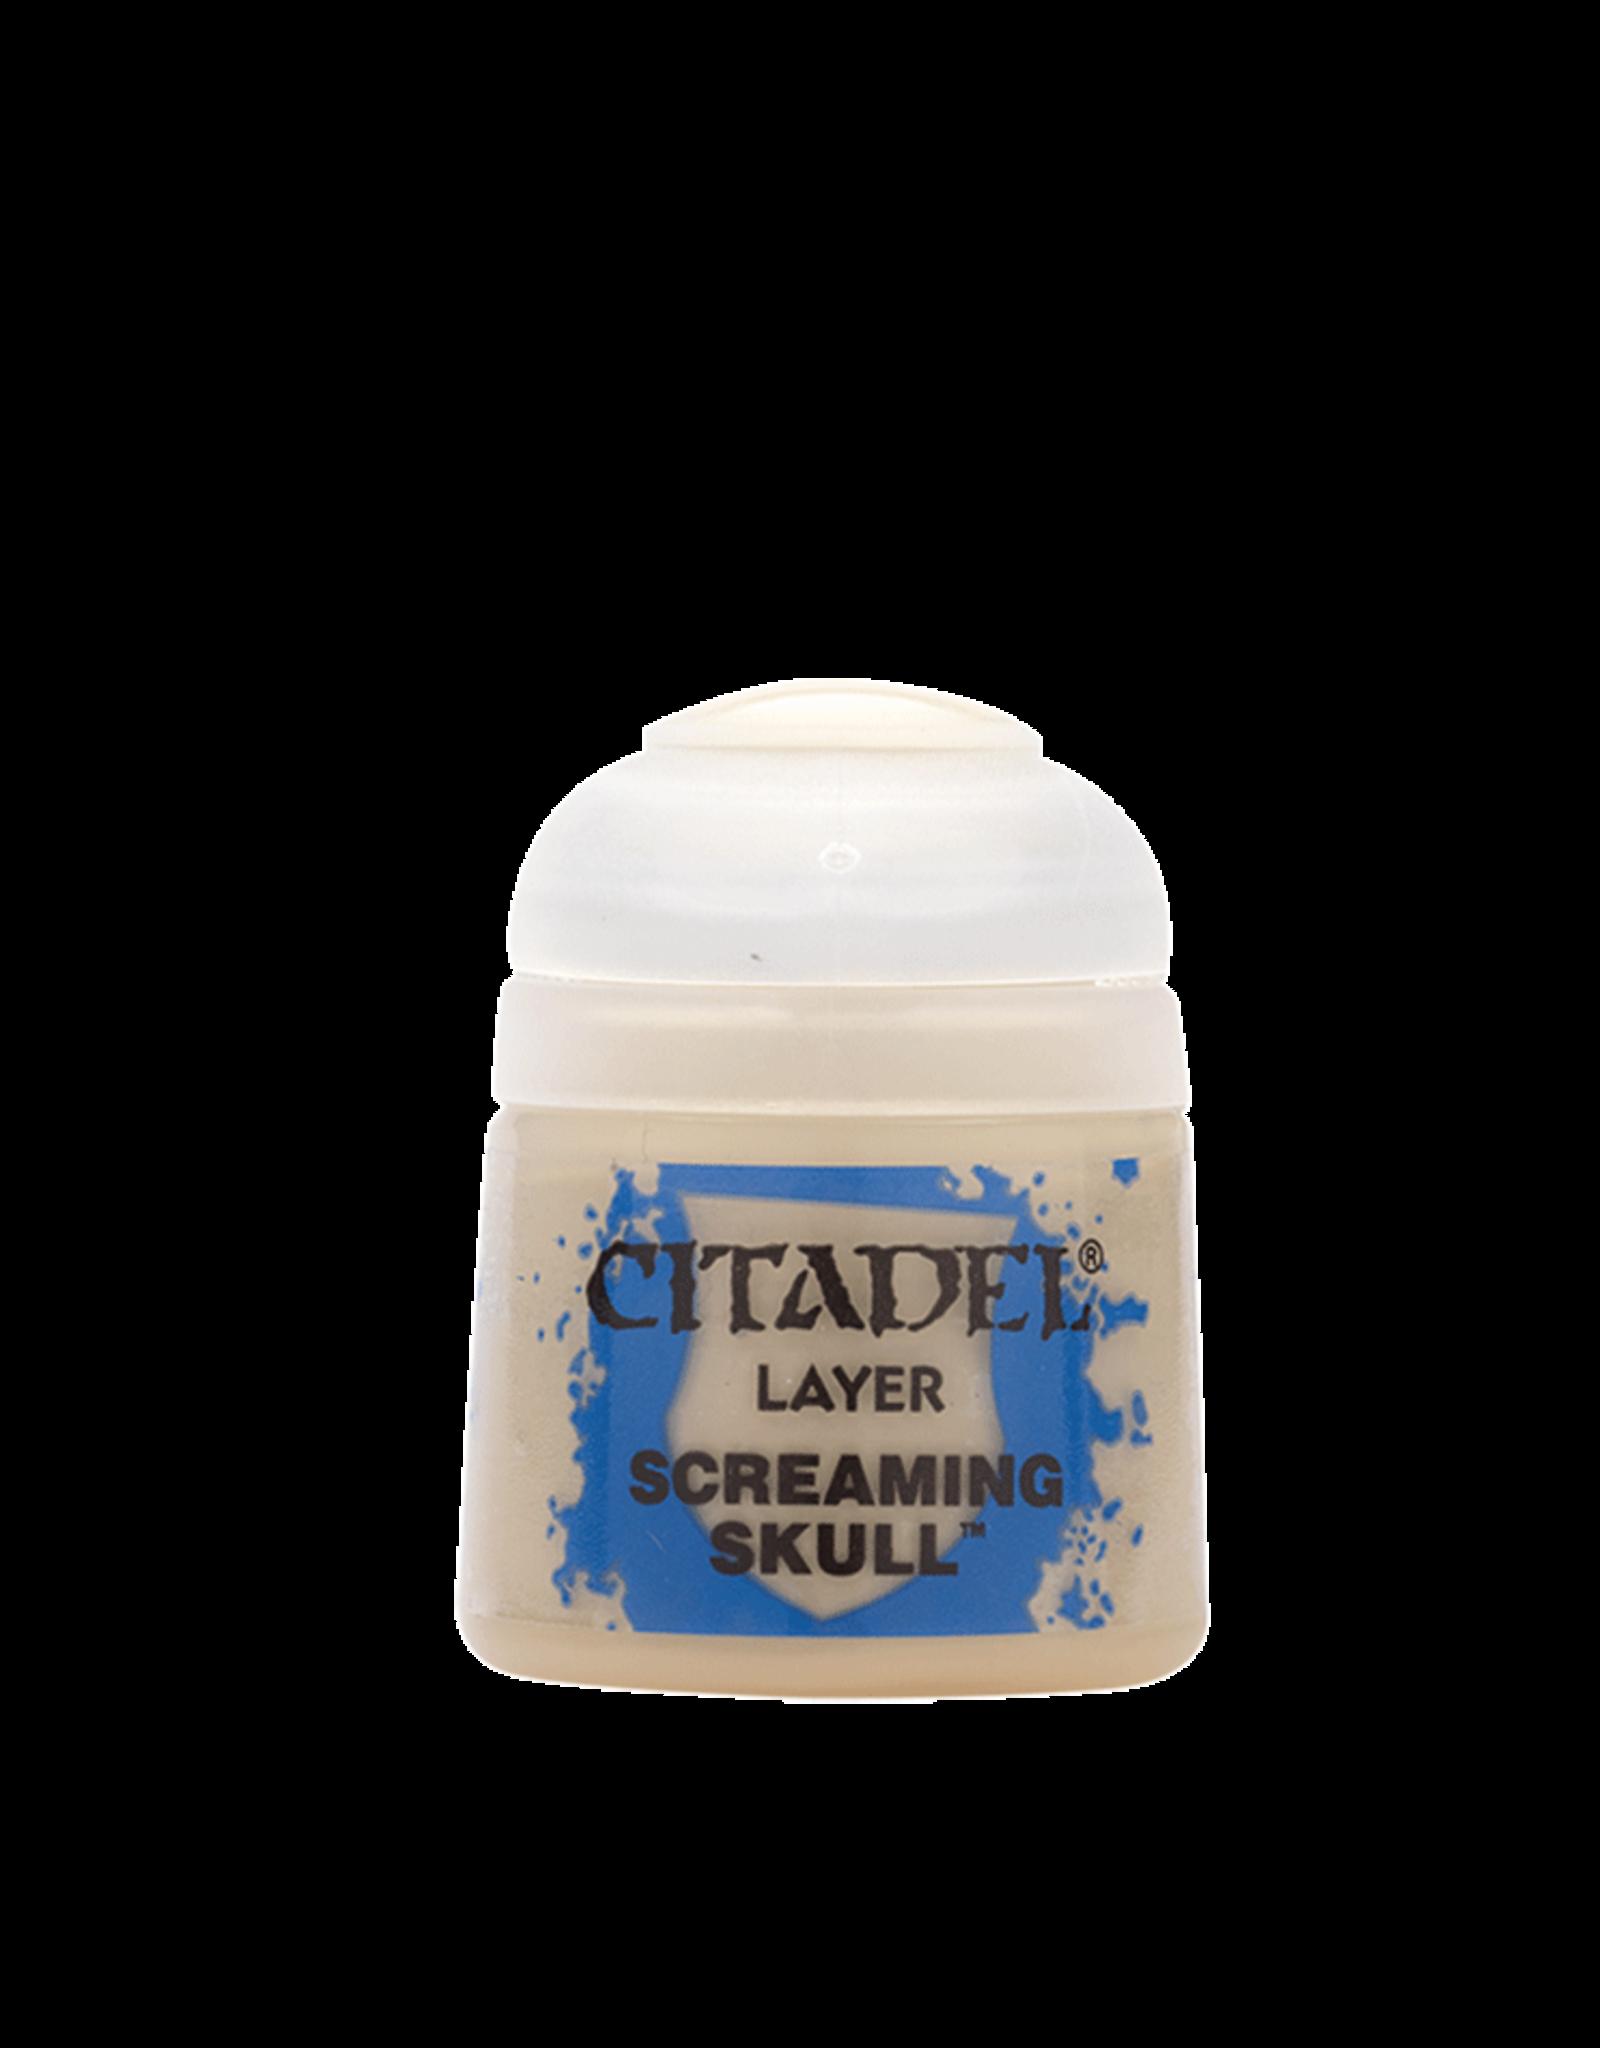 Citadel Citadel Layer: Screaming Skull (12ml)